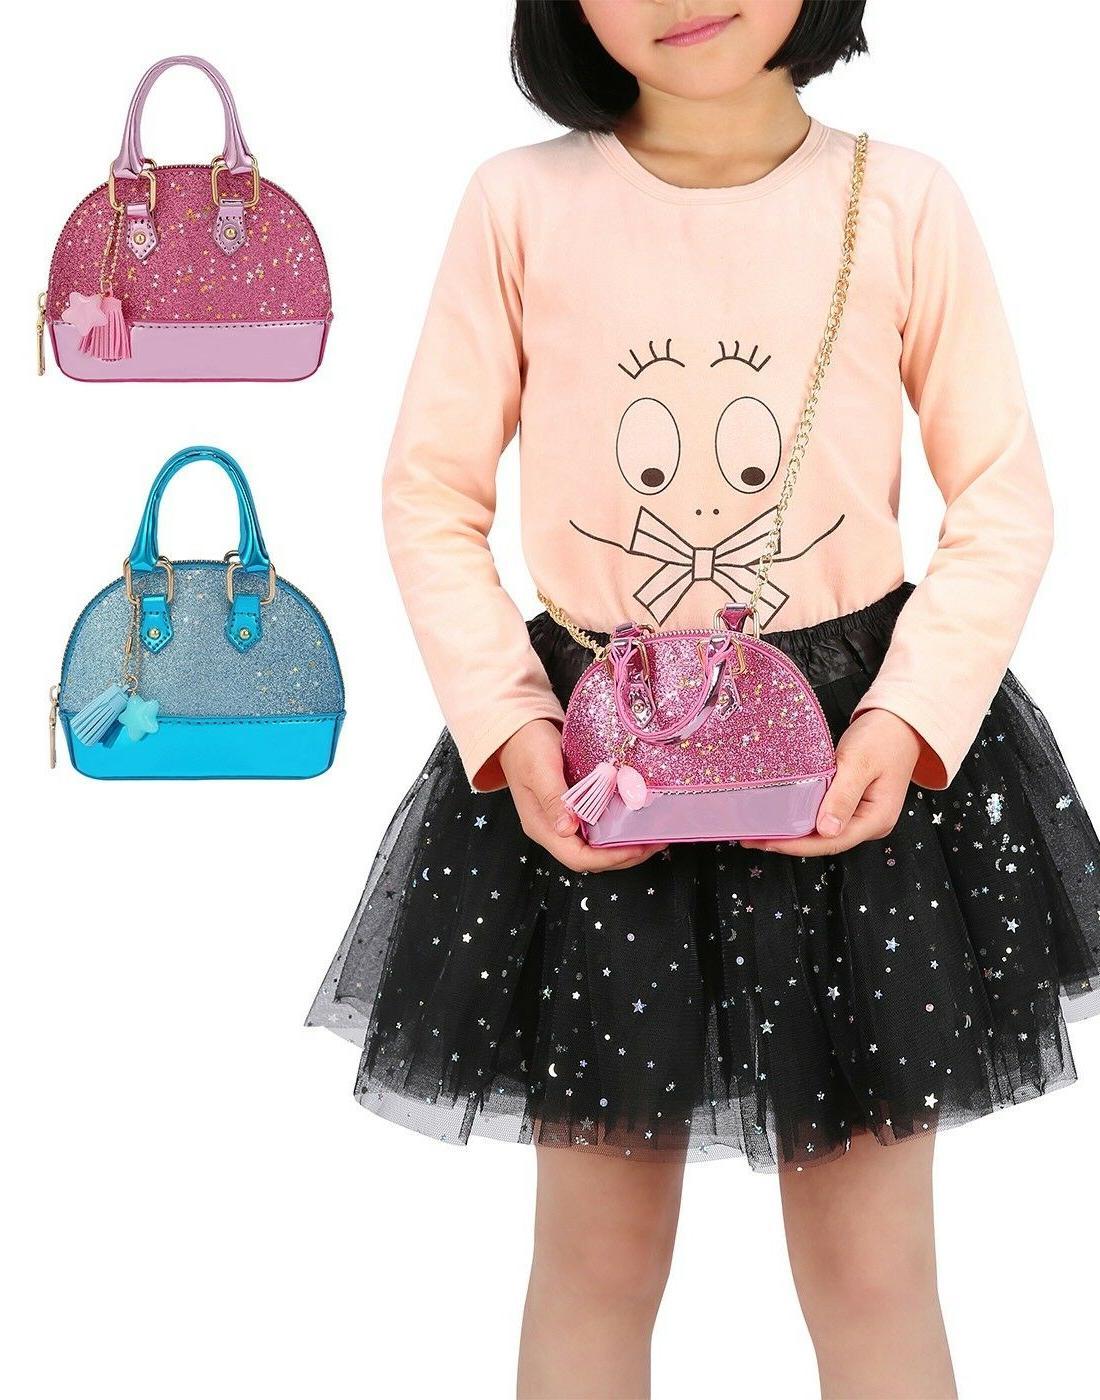 glitter purse princess small crossbody dome fashion